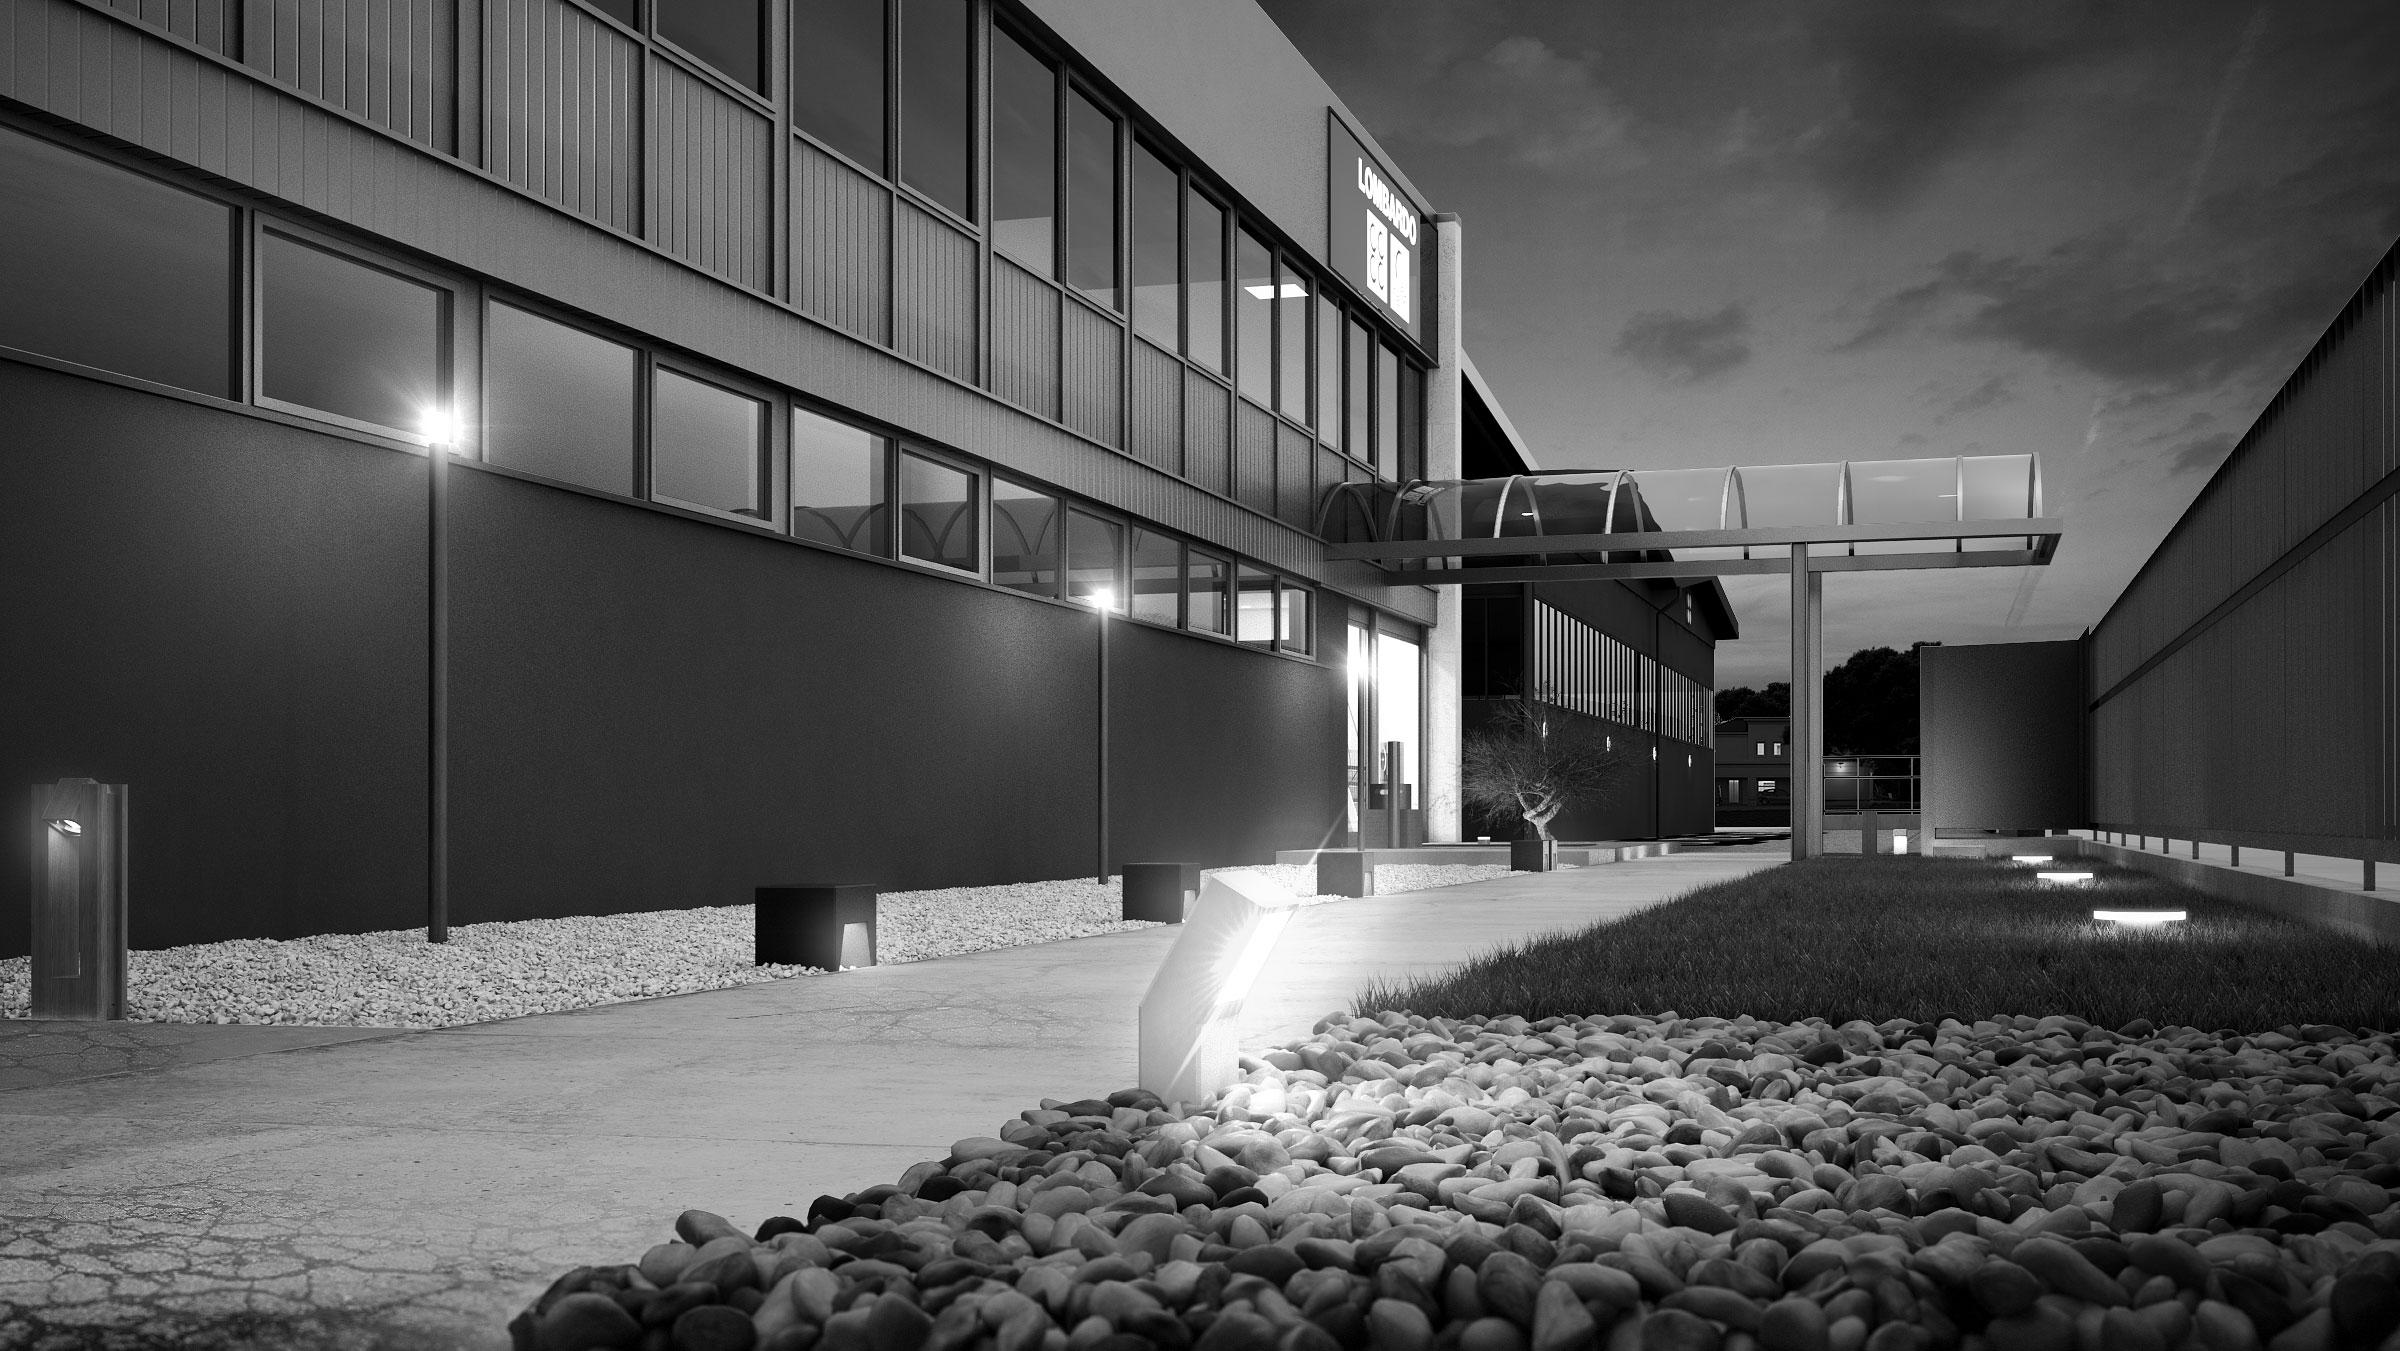 render-lombardo-progetto-luce-illuminazione-esterno-notte-bianco-nero